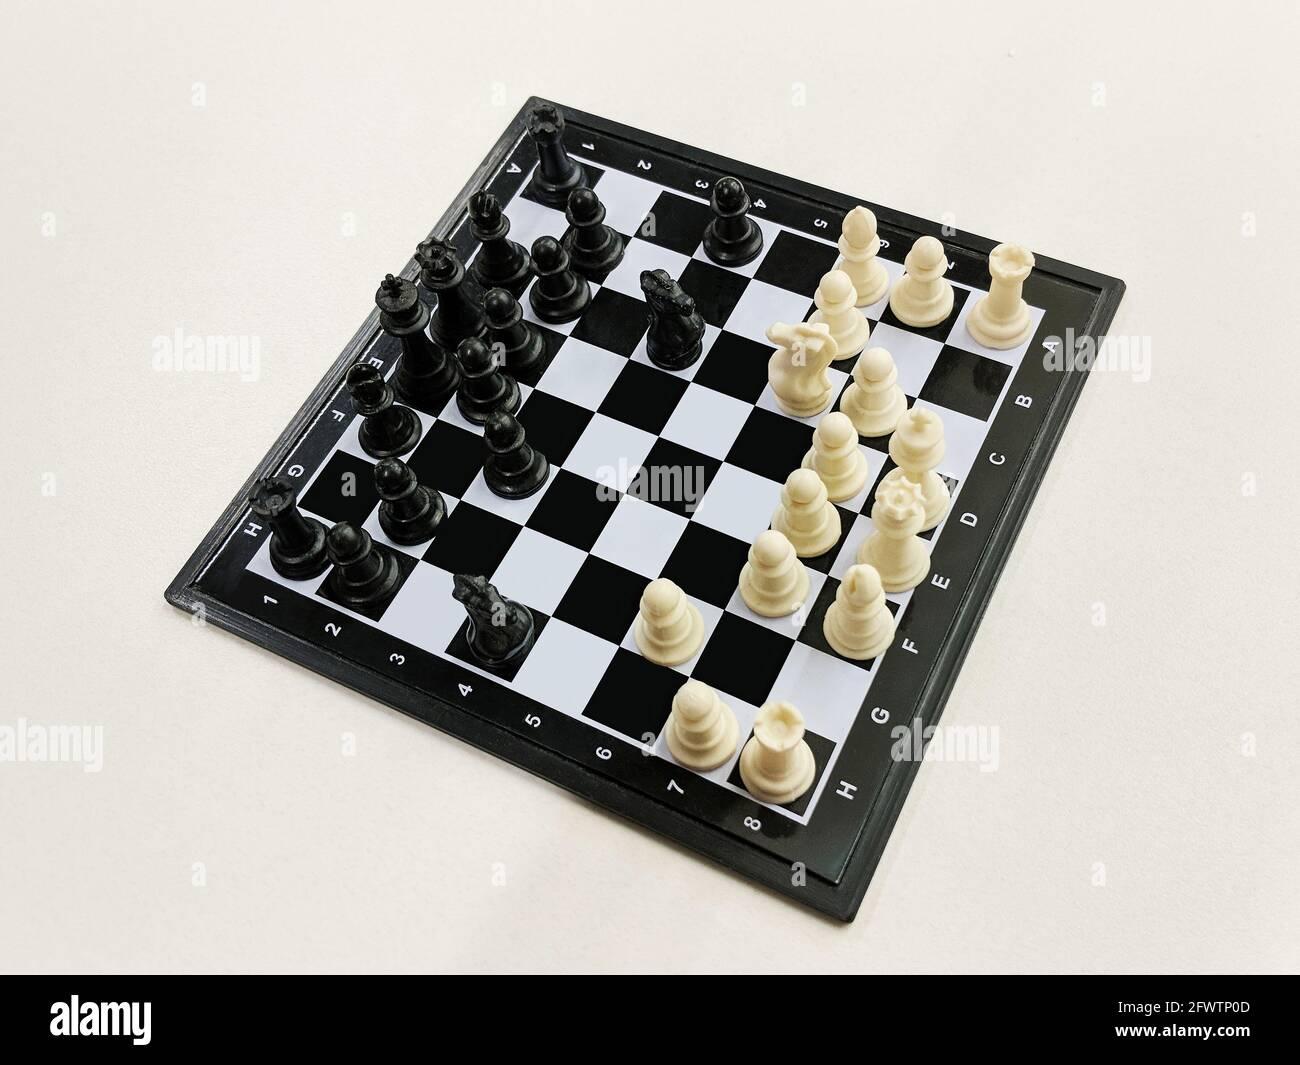 Vista de alto ángulo del ajedrez de viaje sobre un fondo claro Foto de stock